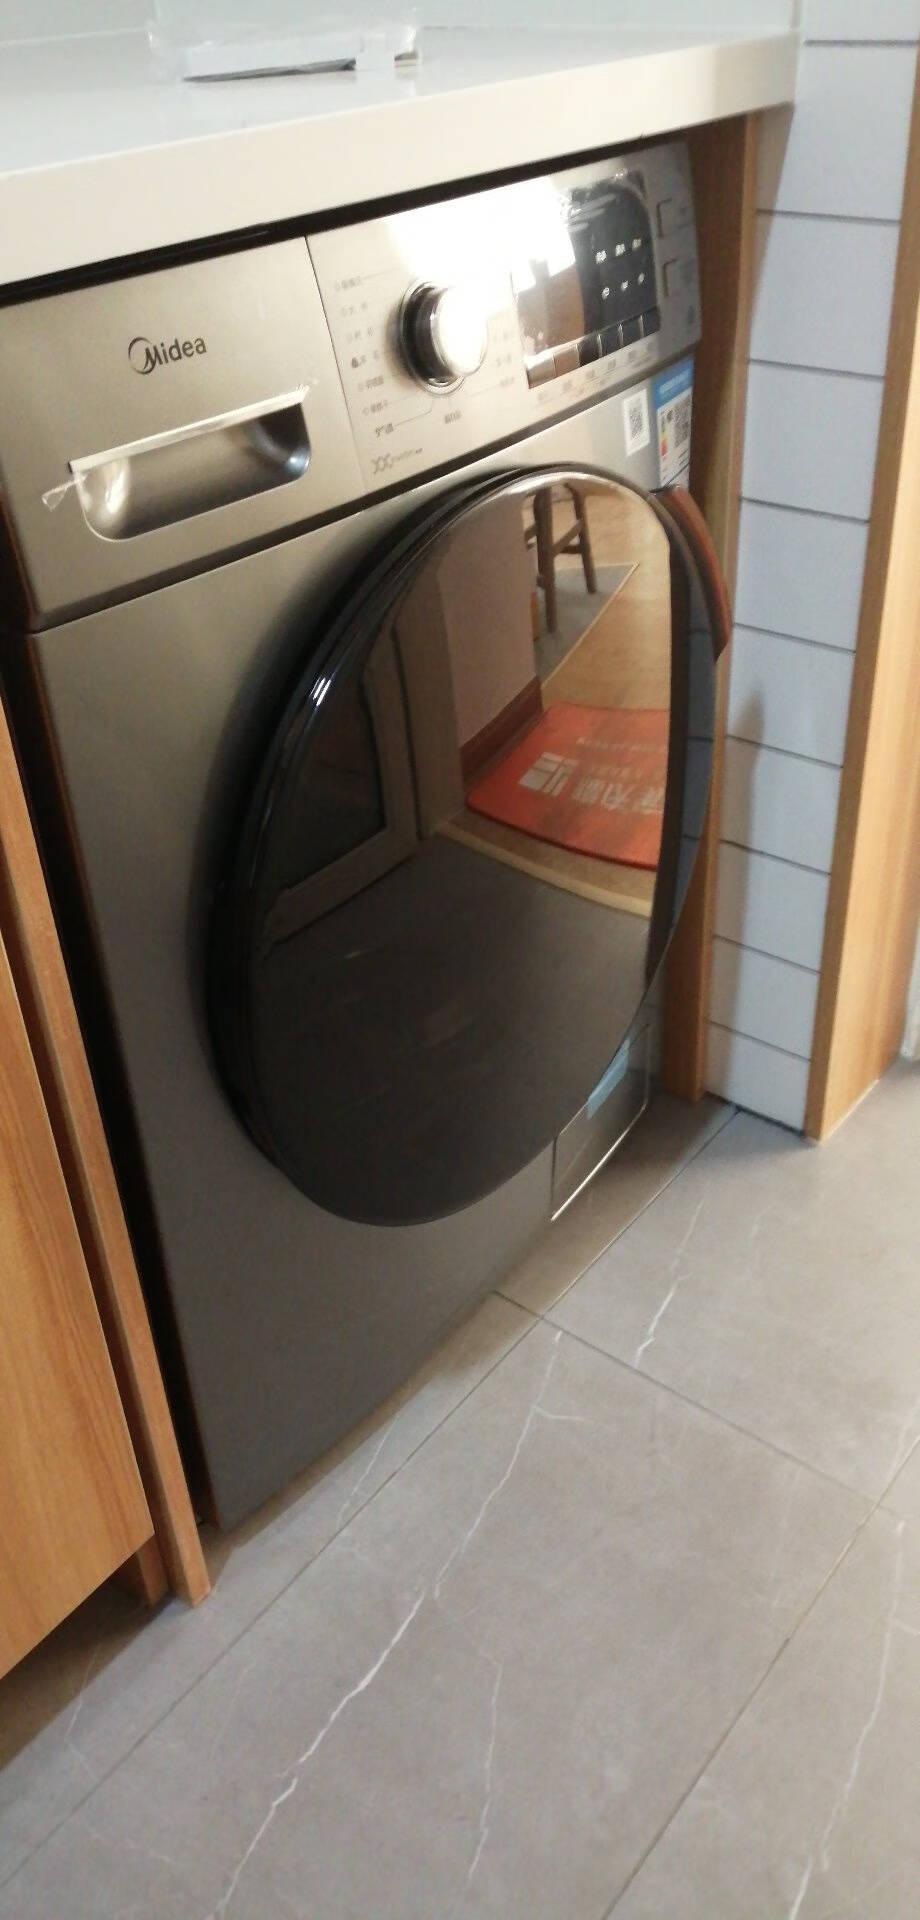 美的(Midea)洗衣机滚筒全自动洗烘一体机带烘干10公斤kg家用变频除菌除螨羽绒服洗空气洗Y46B